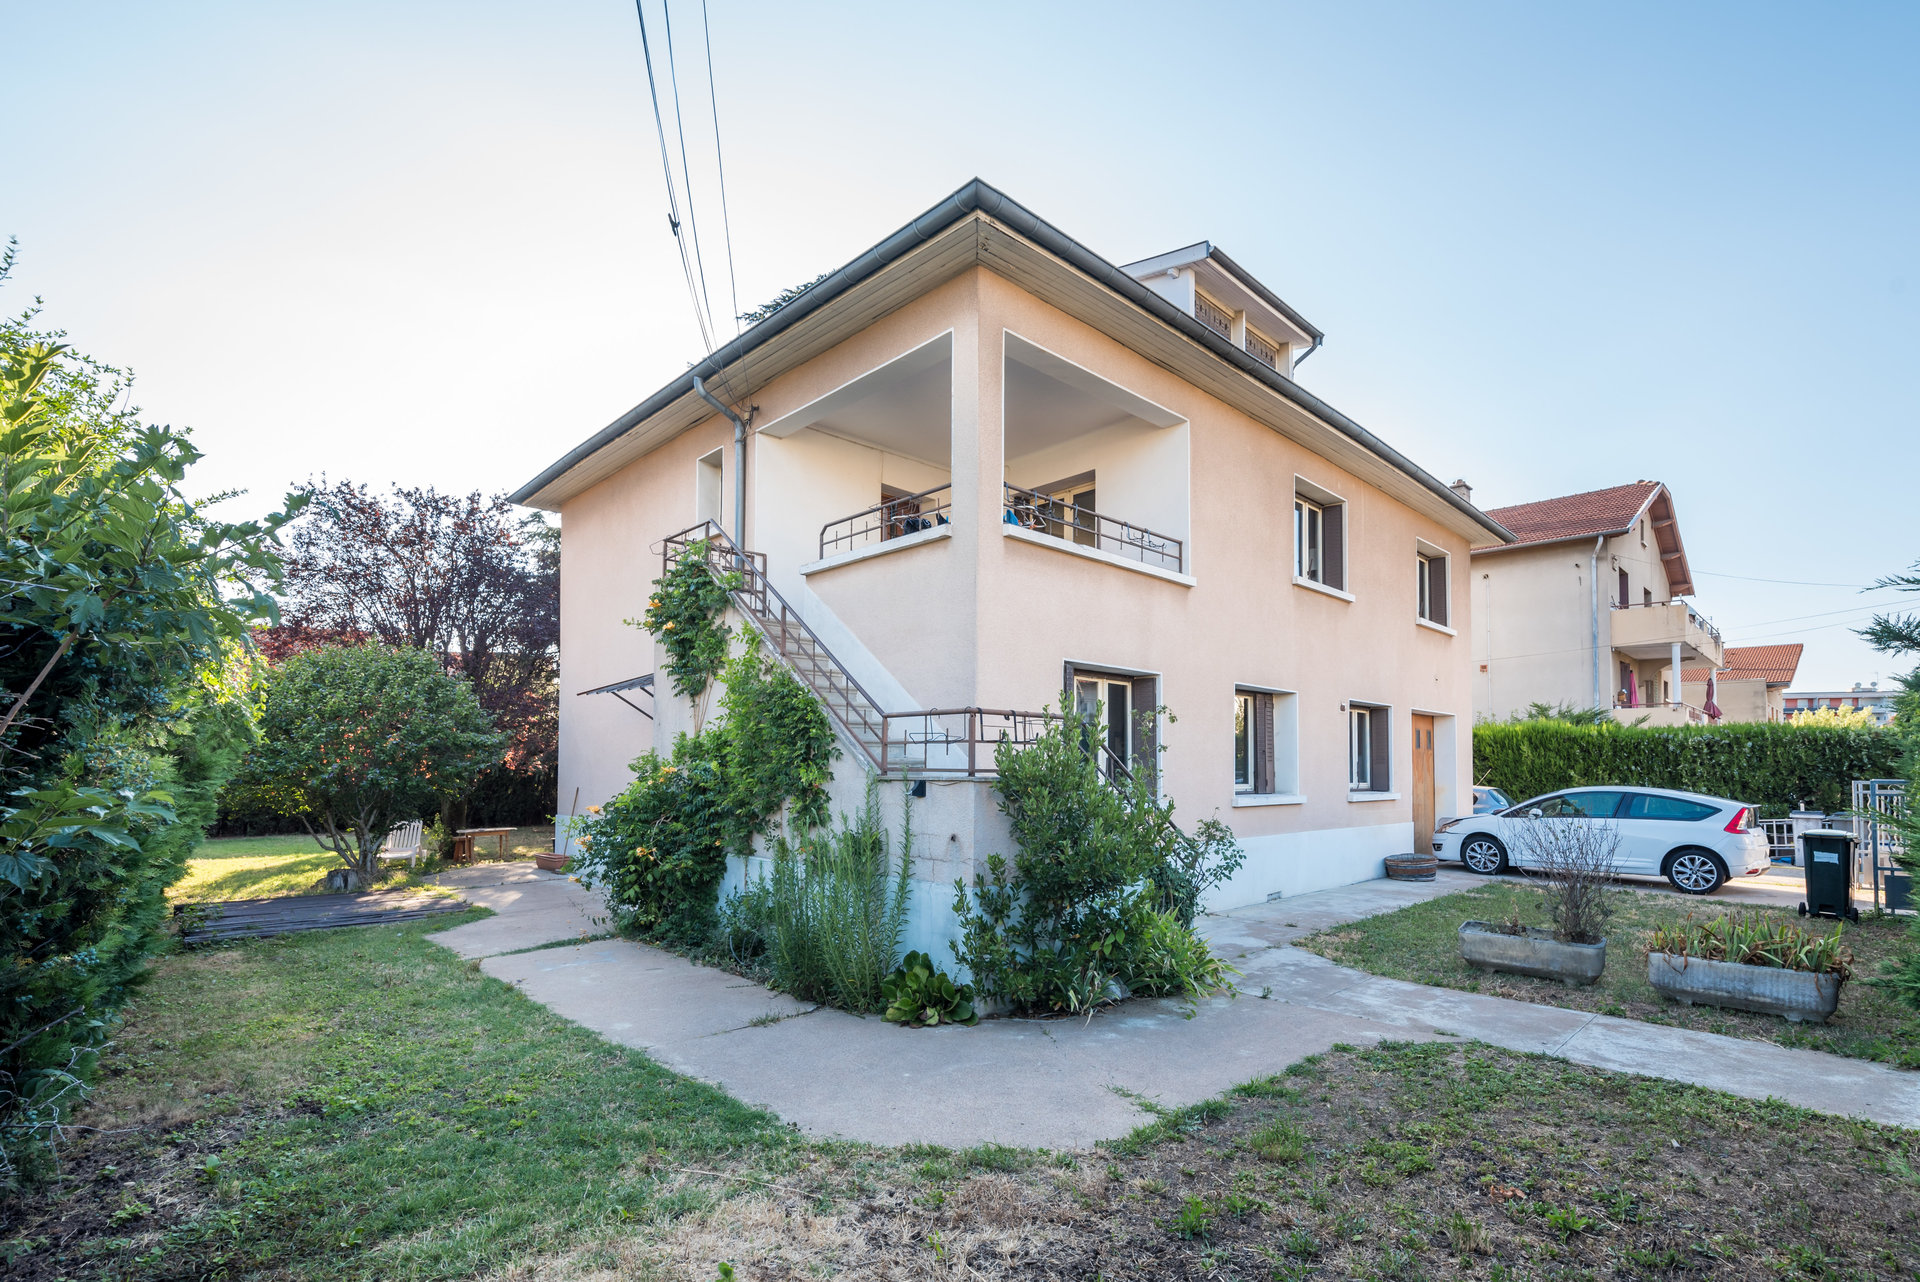 Maison Venissieux 259m² sur terrain de 936m²